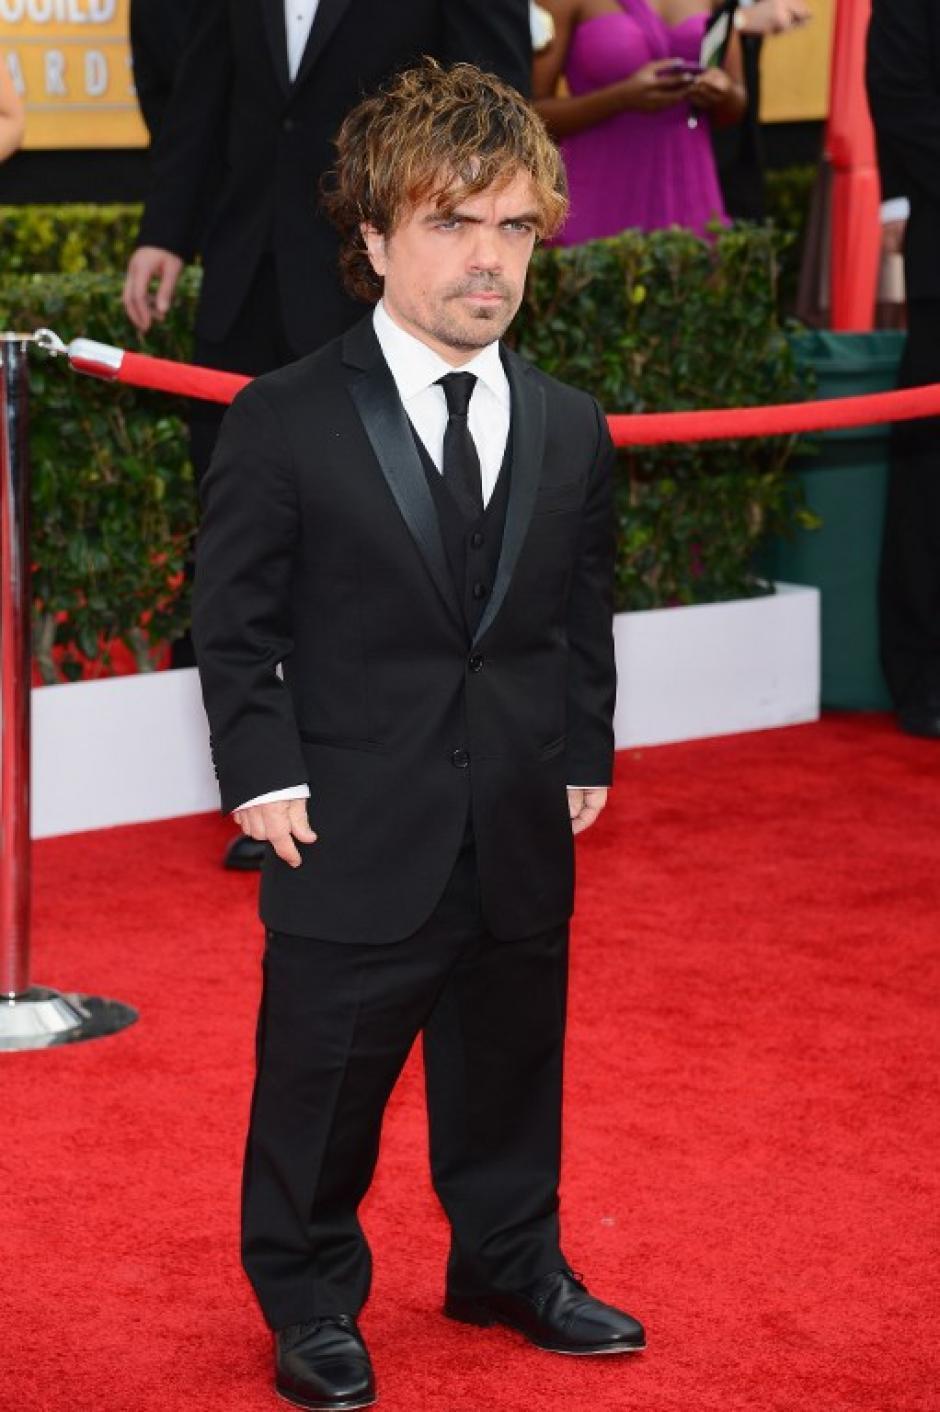 Peter Dinklage de Game of Thrones está nominado a un premio. (AFP)